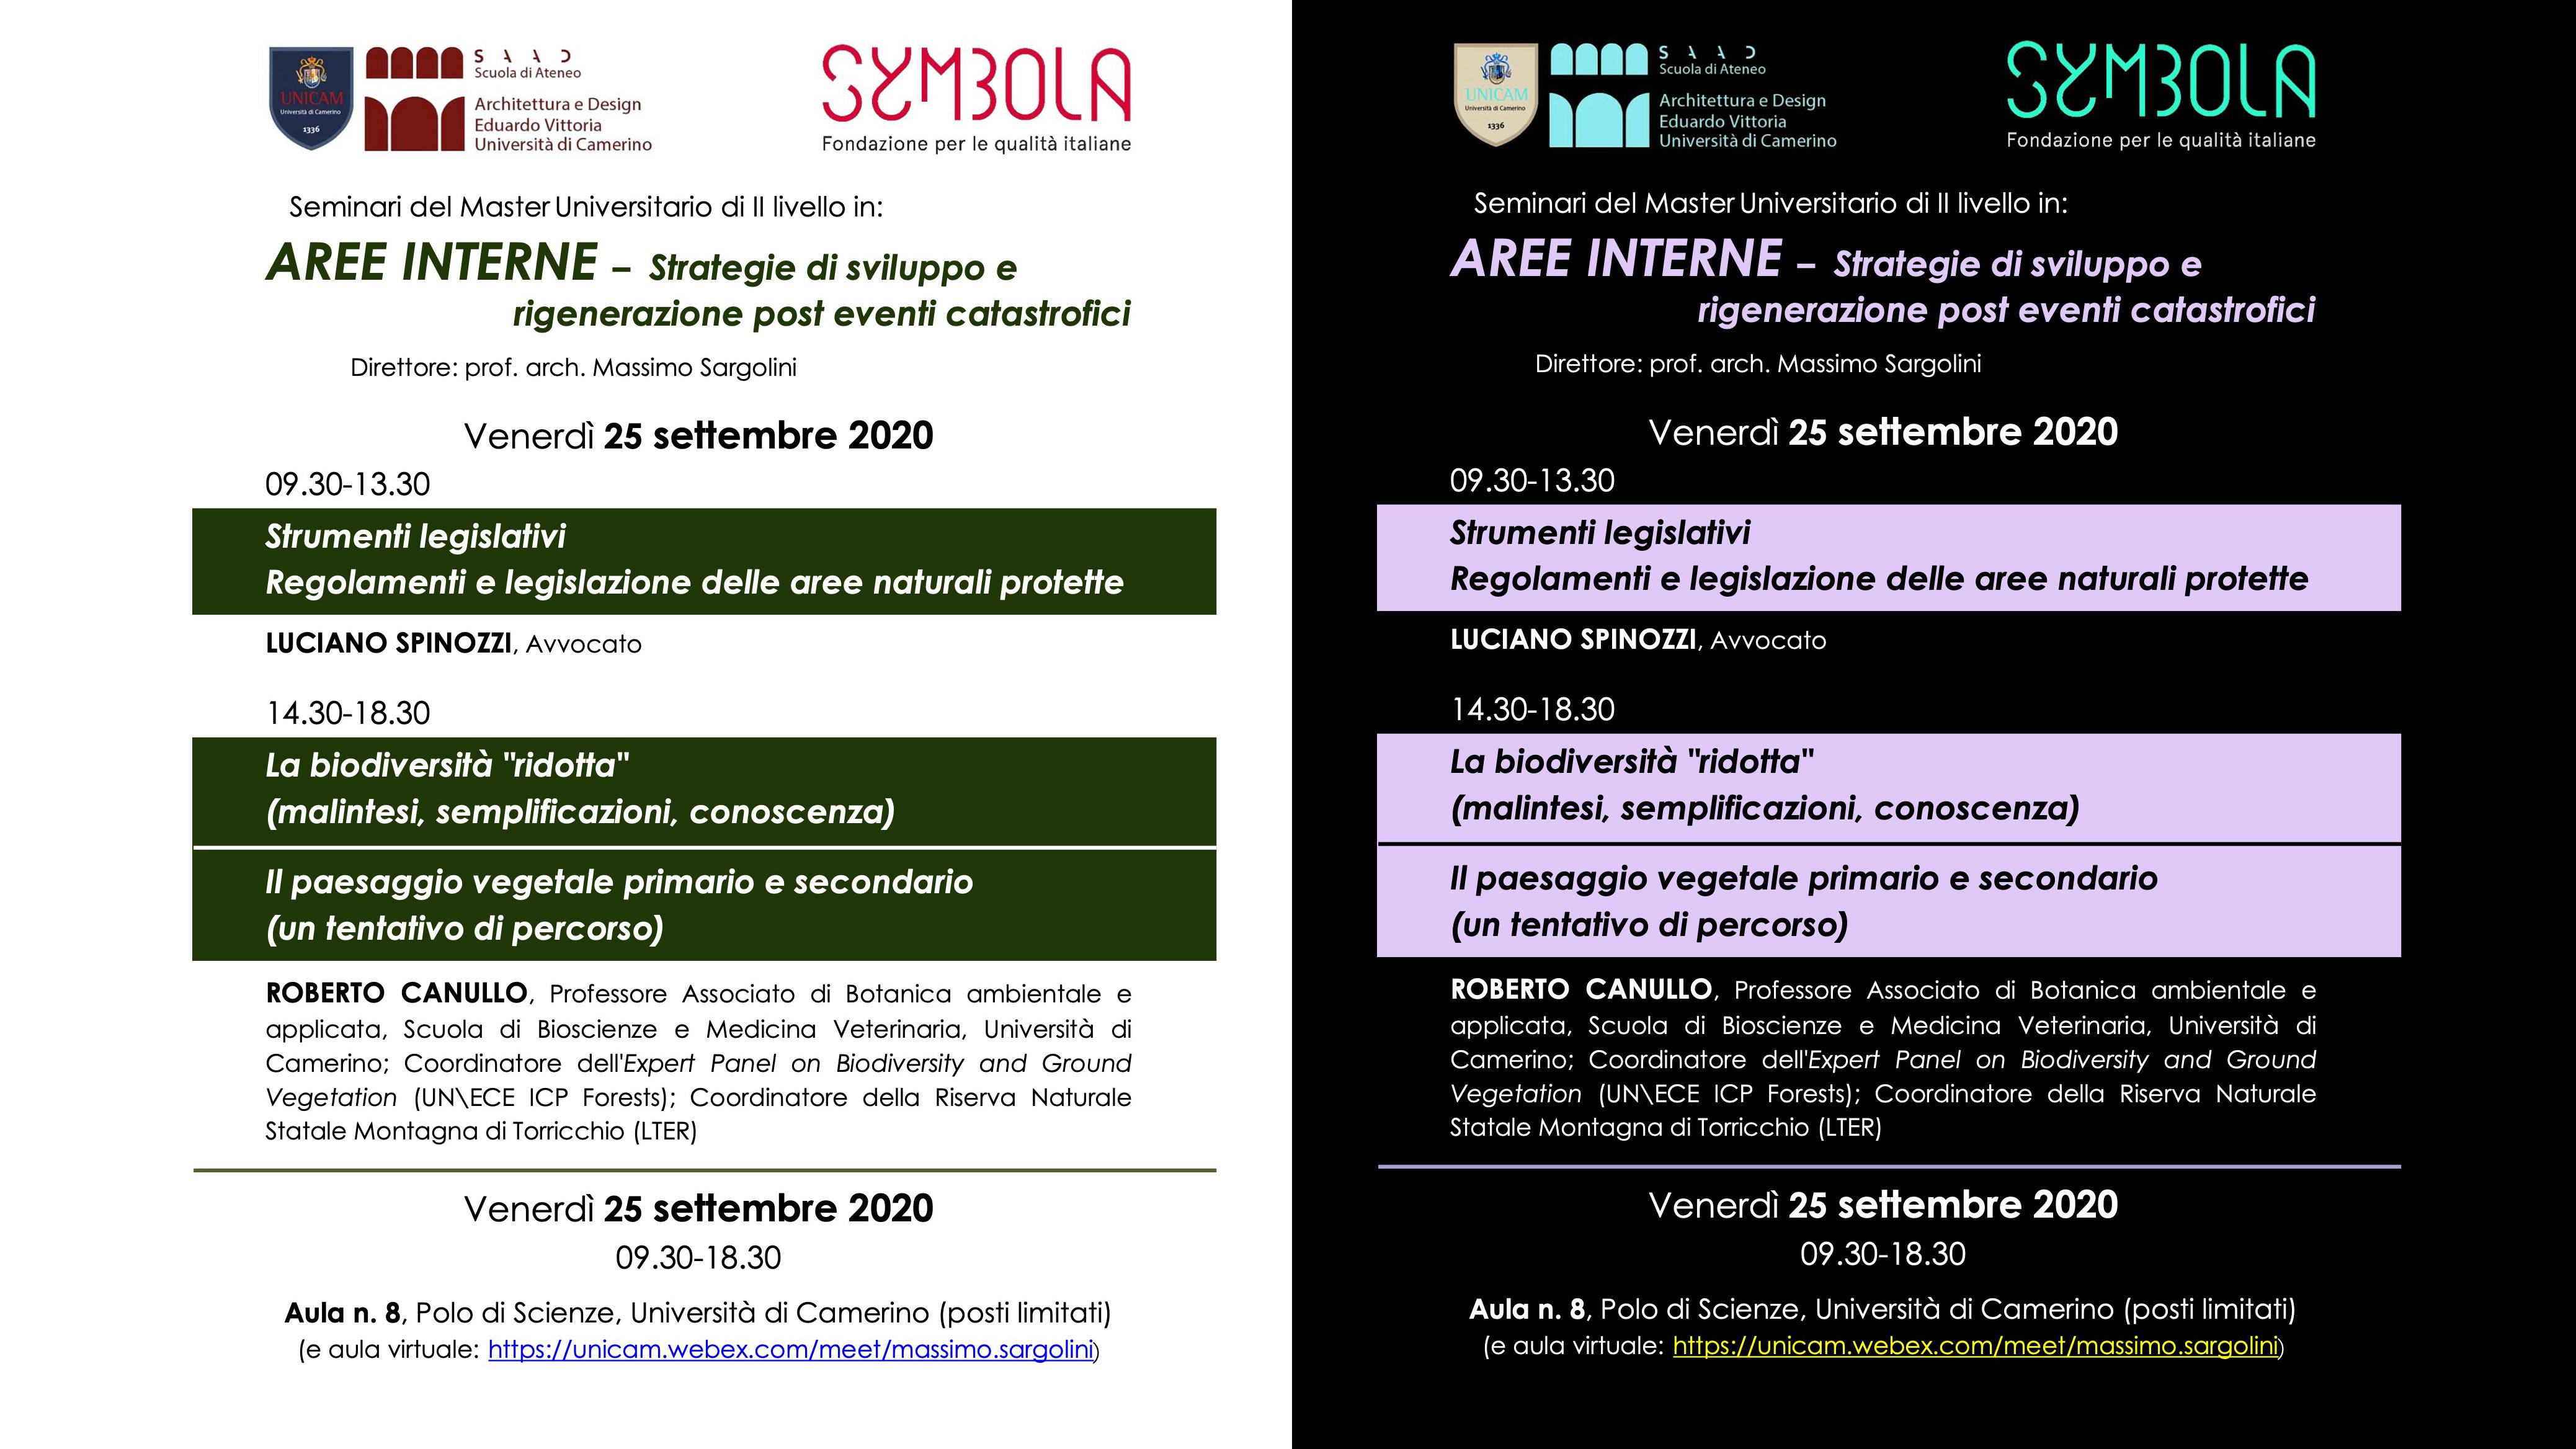 AREE INTERNE – Strategie di sviluppo e rigenerazione post eventi catastrofici